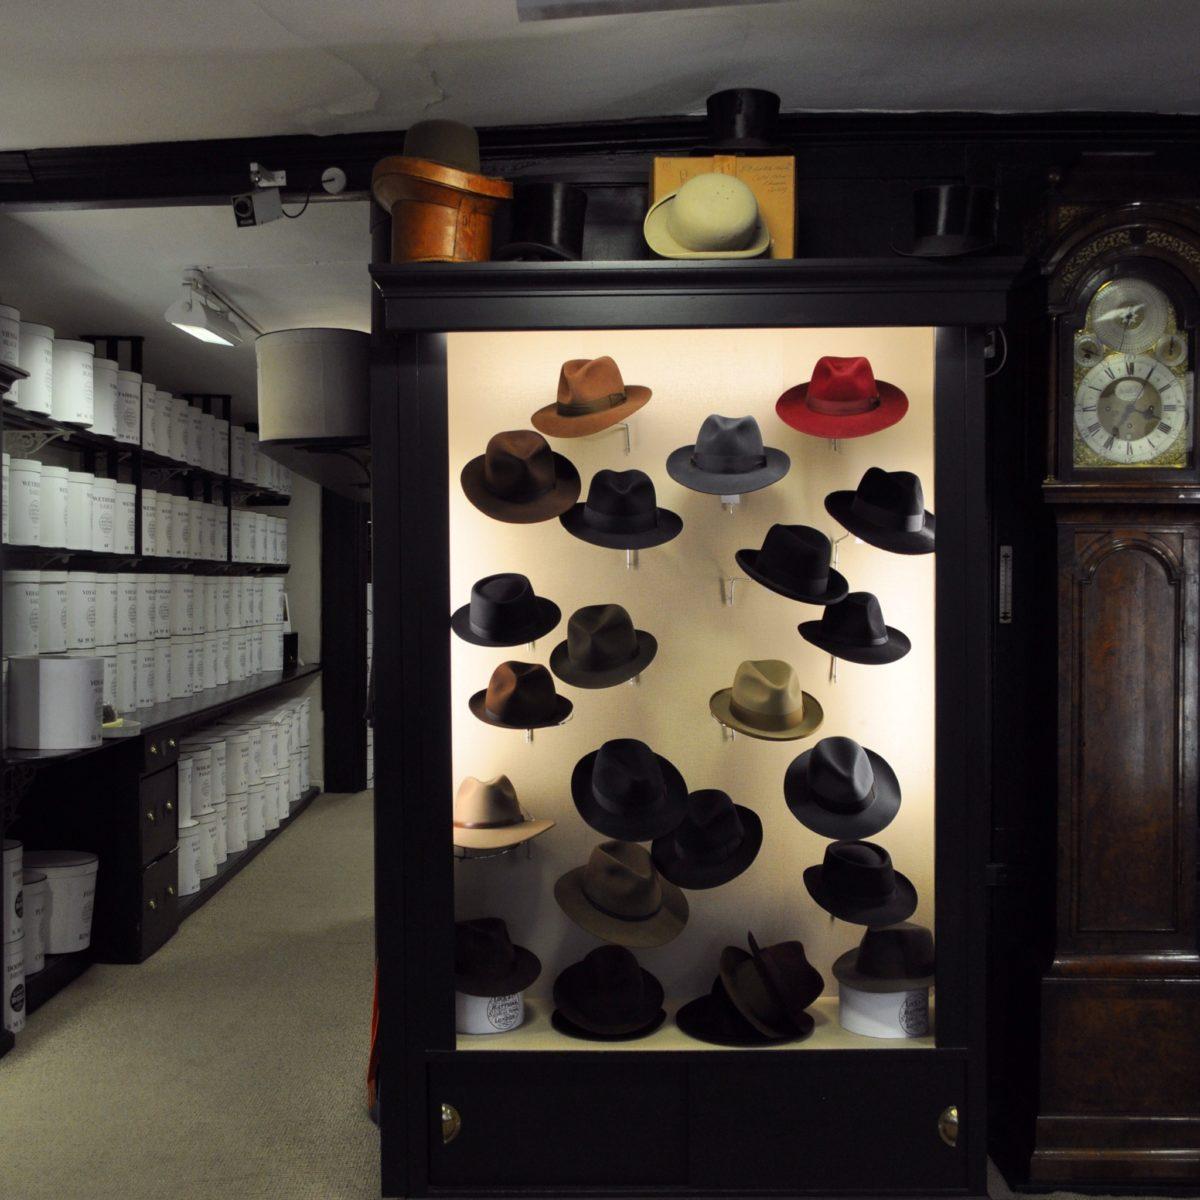 世界最古の帽子ブランドジェームスロックアンドコーのボイジャーは最高の被り心地